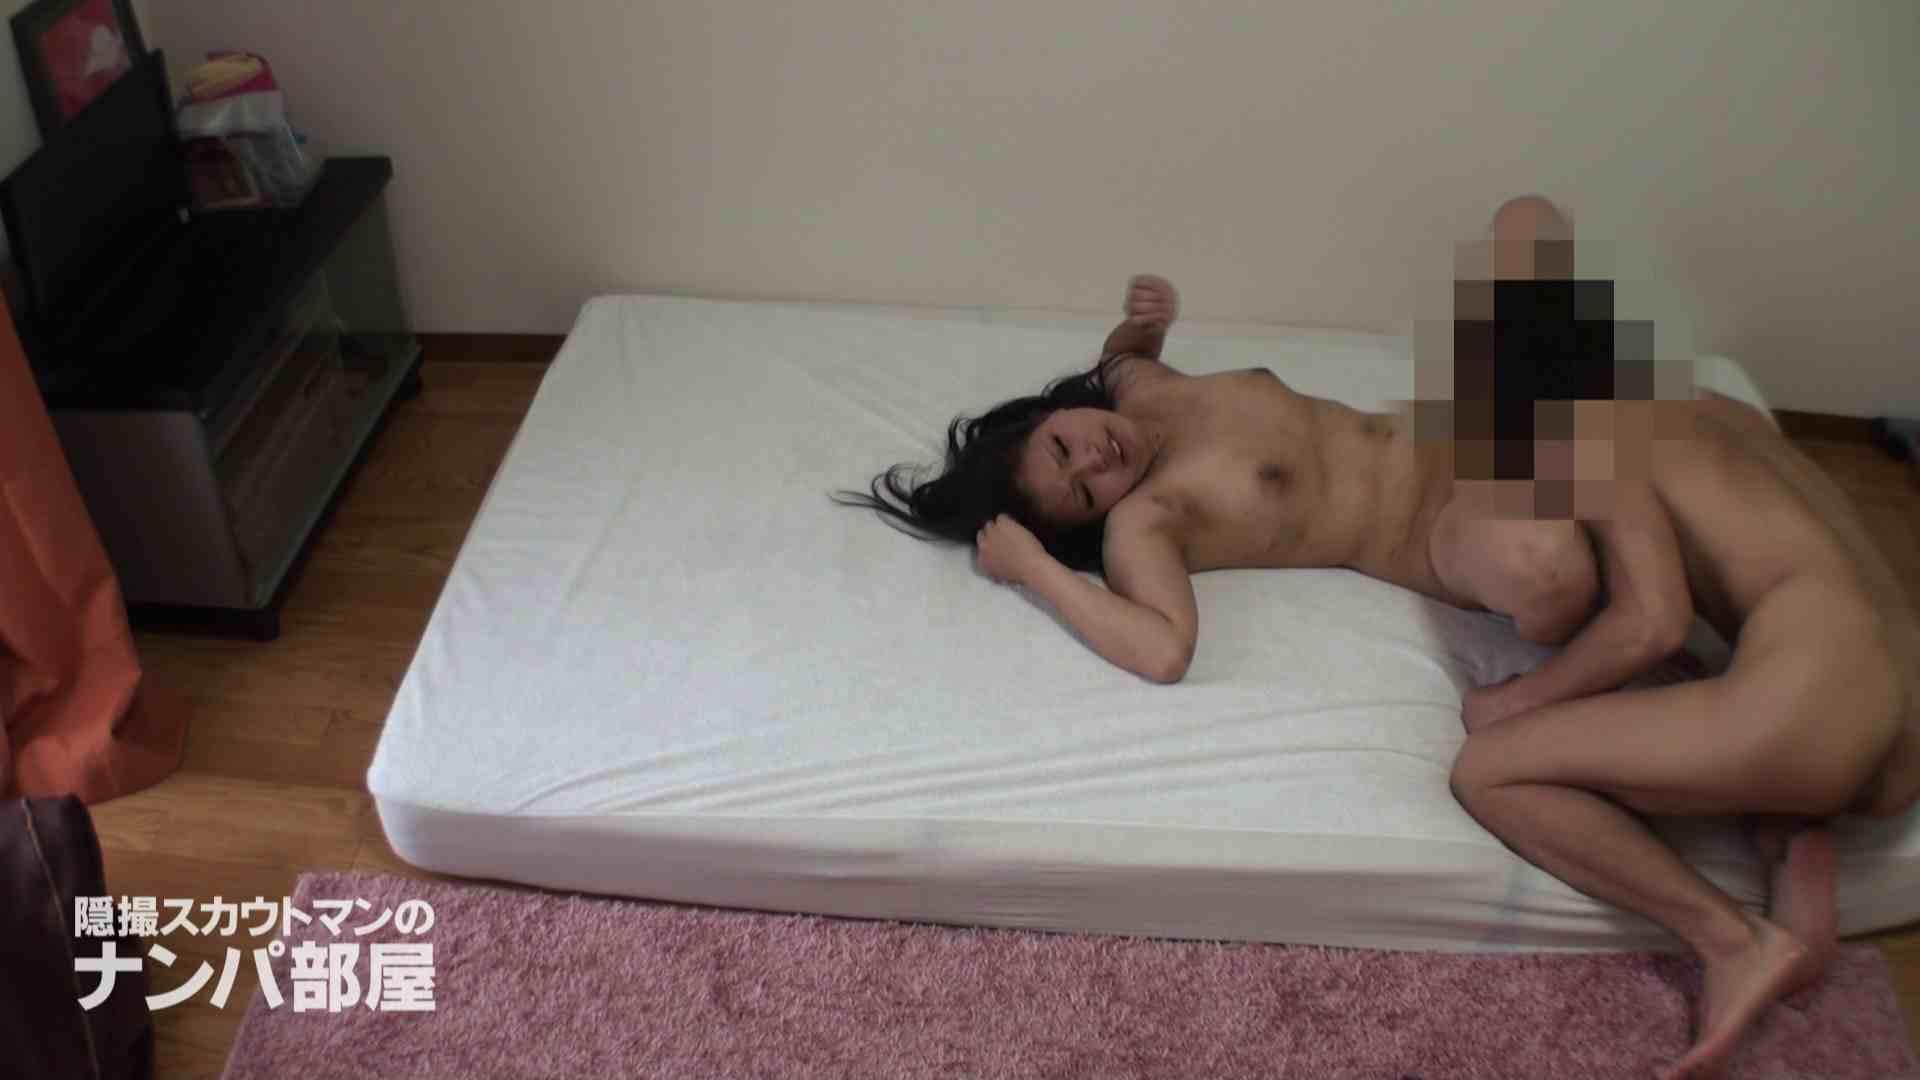 隠撮スカウトマンのナンパ部屋~風俗デビュー前のつまみ食い~hanavol.4 着替え  89PIX 78